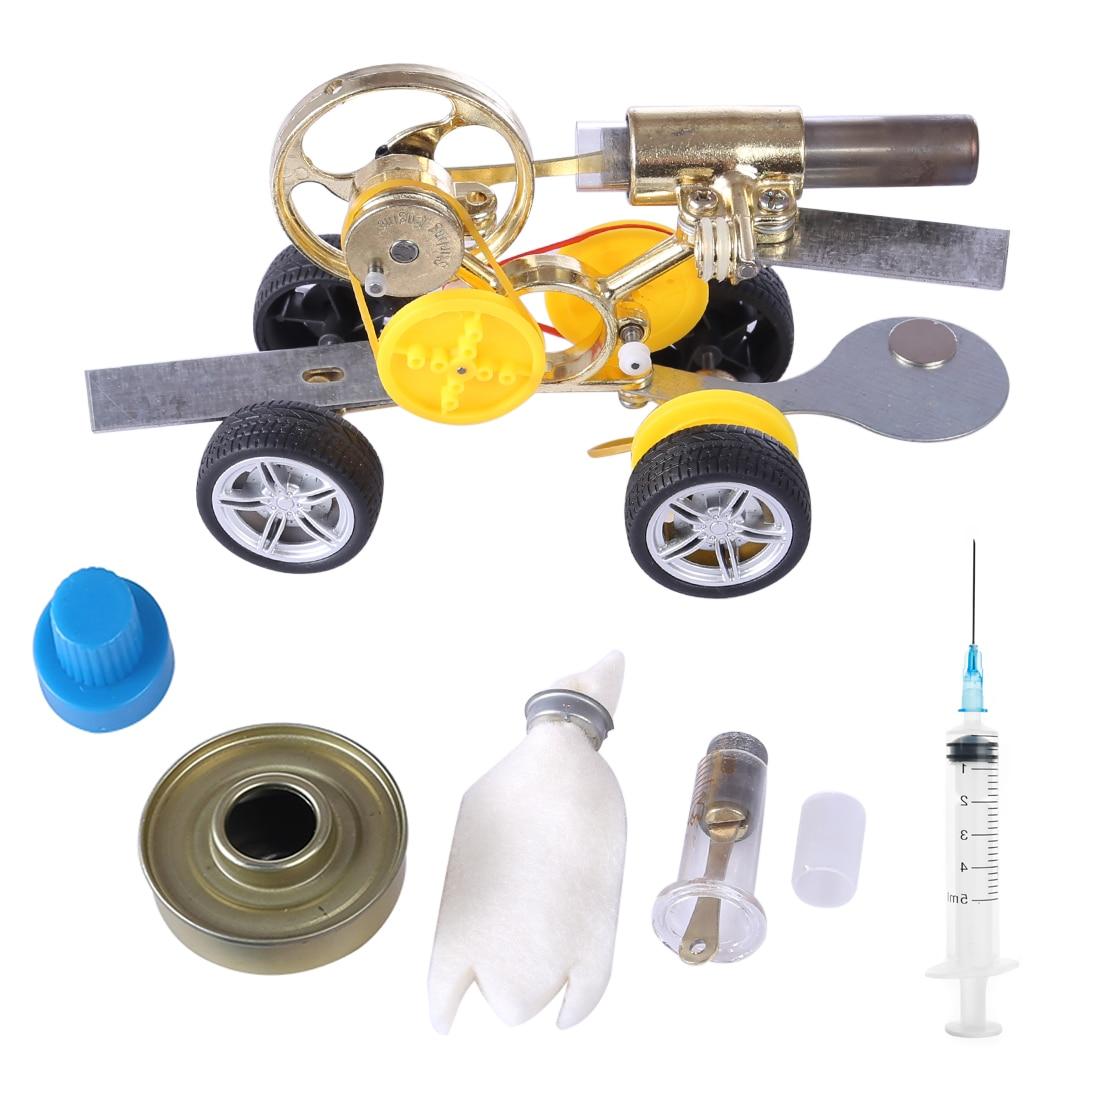 Stirling moteur conduite voiture modèle soutien enfants apprentissage Science ensemble classe enseignement jouet Kit Science éducatif apprentissage jouet